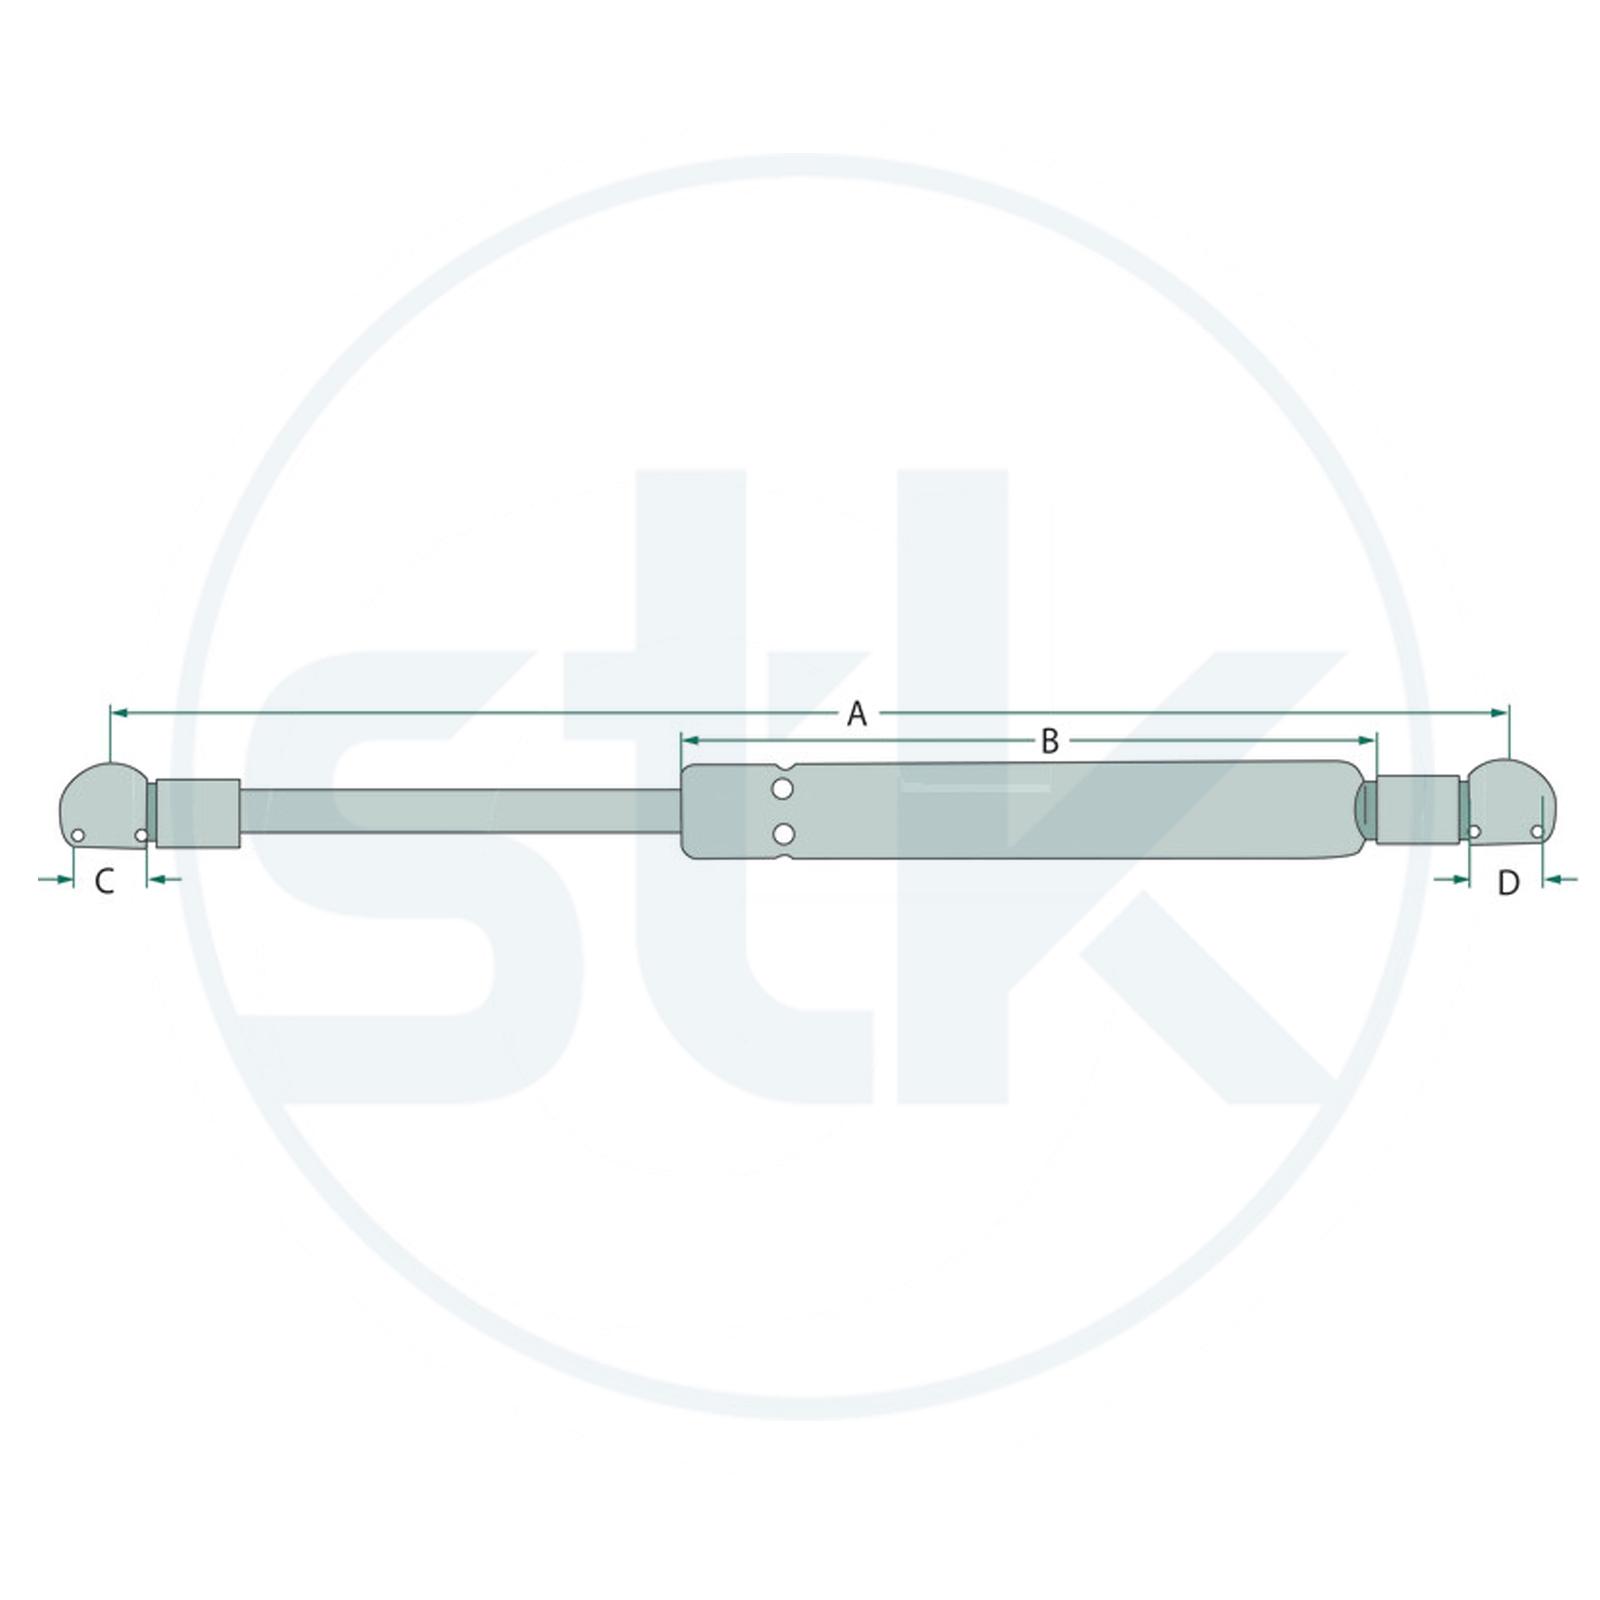 Gasdruckfeder Tür passend für Deutz ersetzt Vergleichsnummer 04429617 Gasfeder